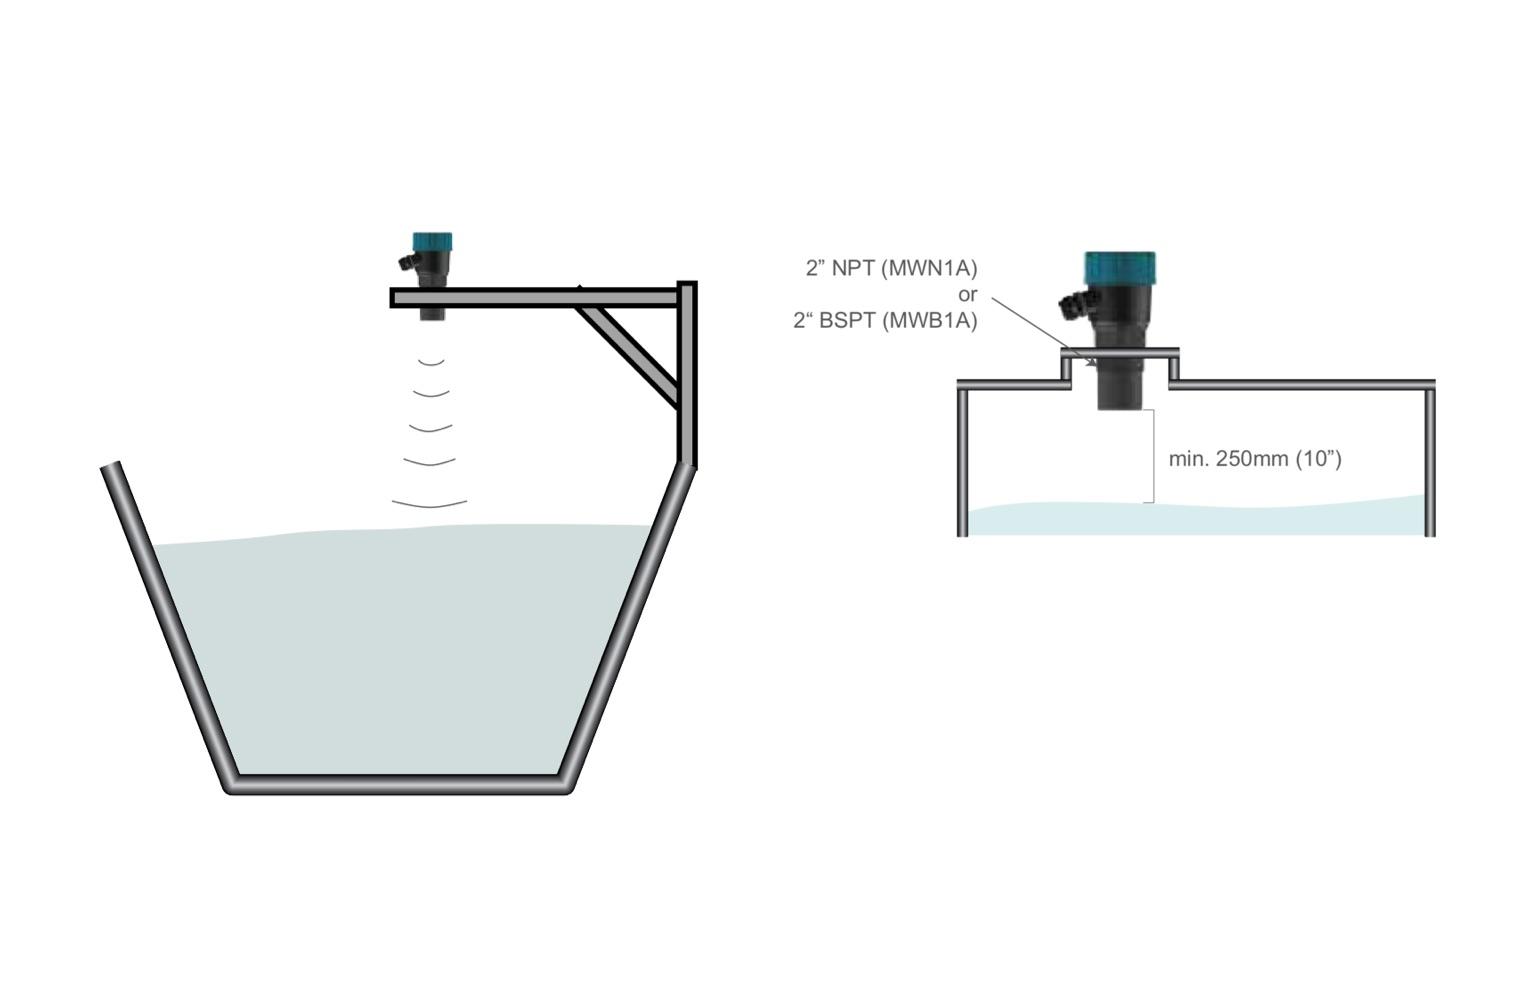 Kiểu lắp cảm biến thông dụng cho cảm biến siêu âm